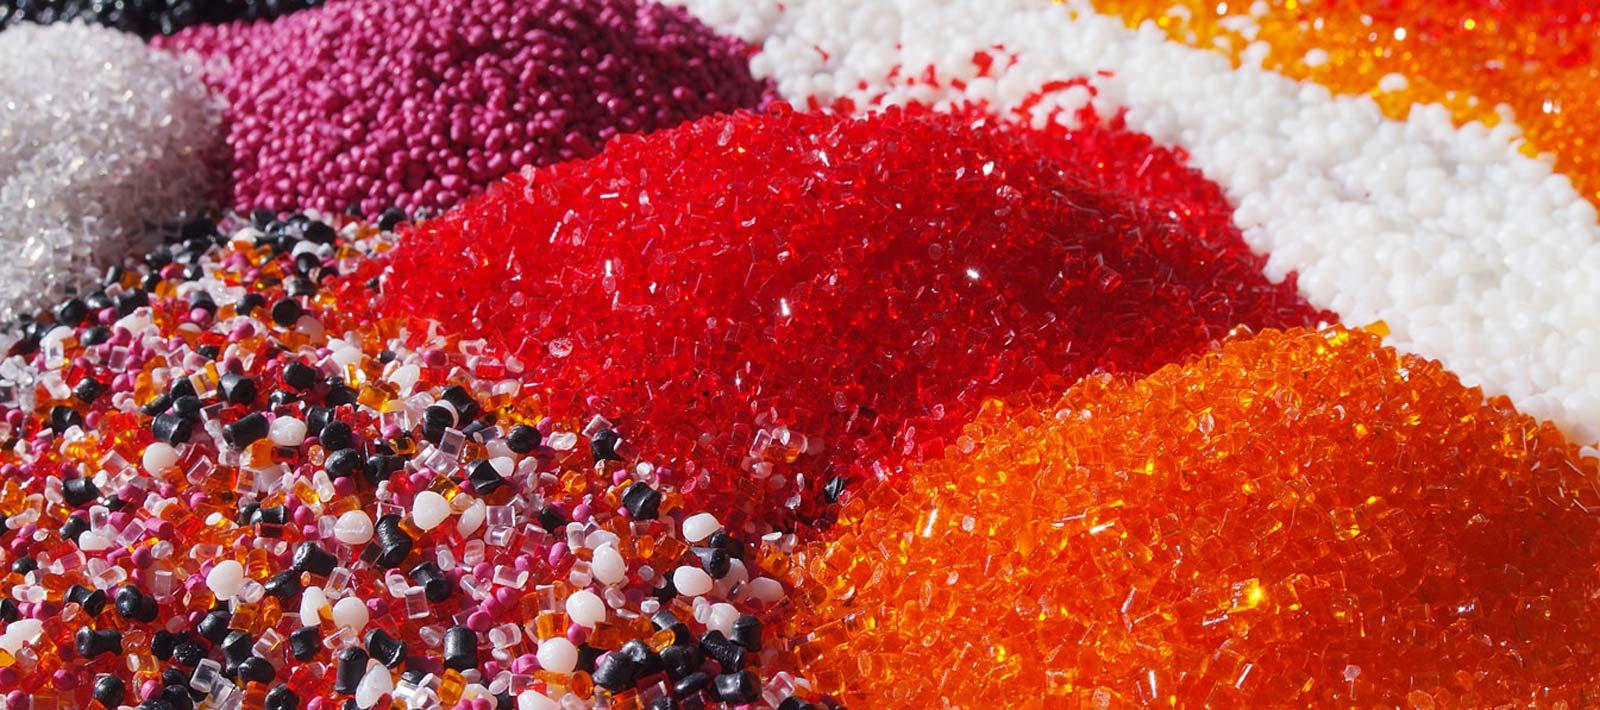 واردات مواد اولیه پلاستیک